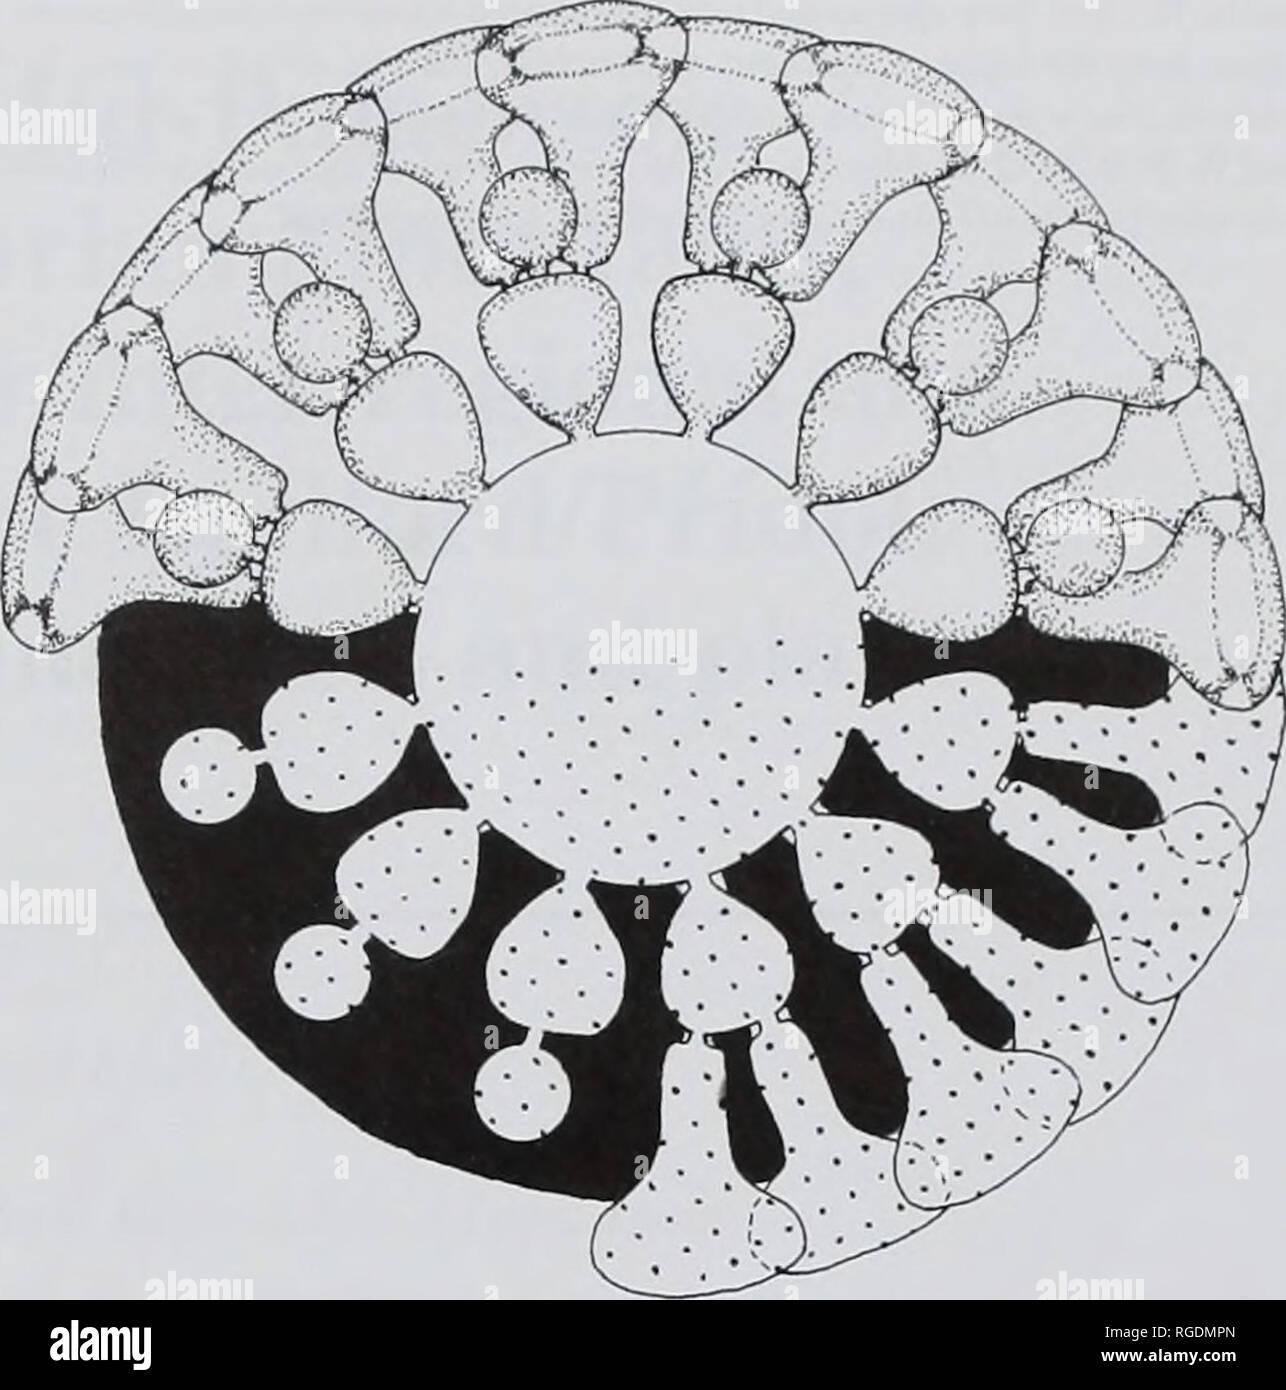 . Bulletin du Musée Histort naturelles. Série Géologie. ACROPORELLA ASSURBANIPALI AFFINITÉ systématique de l'oftlie 113 la variabilité des espèces et certains caractères qualitatifs tels que la forme de thalle, latérales et d'organes de reproduction aurait exigé plus abondant matériel. Le thalle est cylindrique et apparemment simple. Les canalisations secondaires primaires sont disposés en verticilles modérément fermer. Leur position entre les verticilles, alternés ou dans la continuité, n'est pas évident. Ils sont cependant plutôt phloiophorous et strong, presque perpendiculaire à l'axe de la tige. La section transversale des pores est primaire Banque D'Images